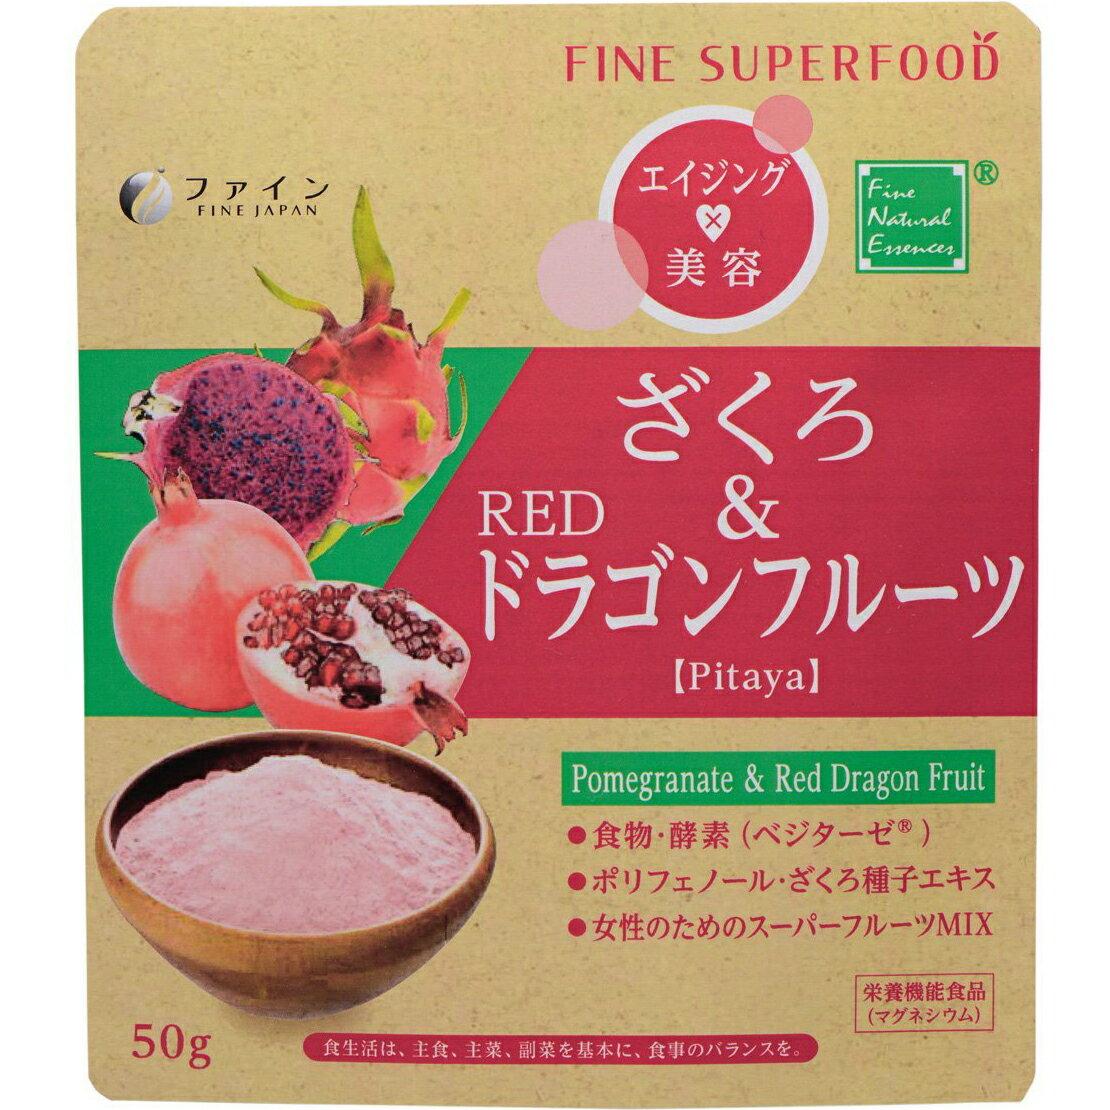 株式会社ファイン スーパーフード ざくろ&REDドラゴンフルーツ 50g【栄養機能食品(マグネシウム)】<45種類素材の酵素配合。ポリフェノール含有>